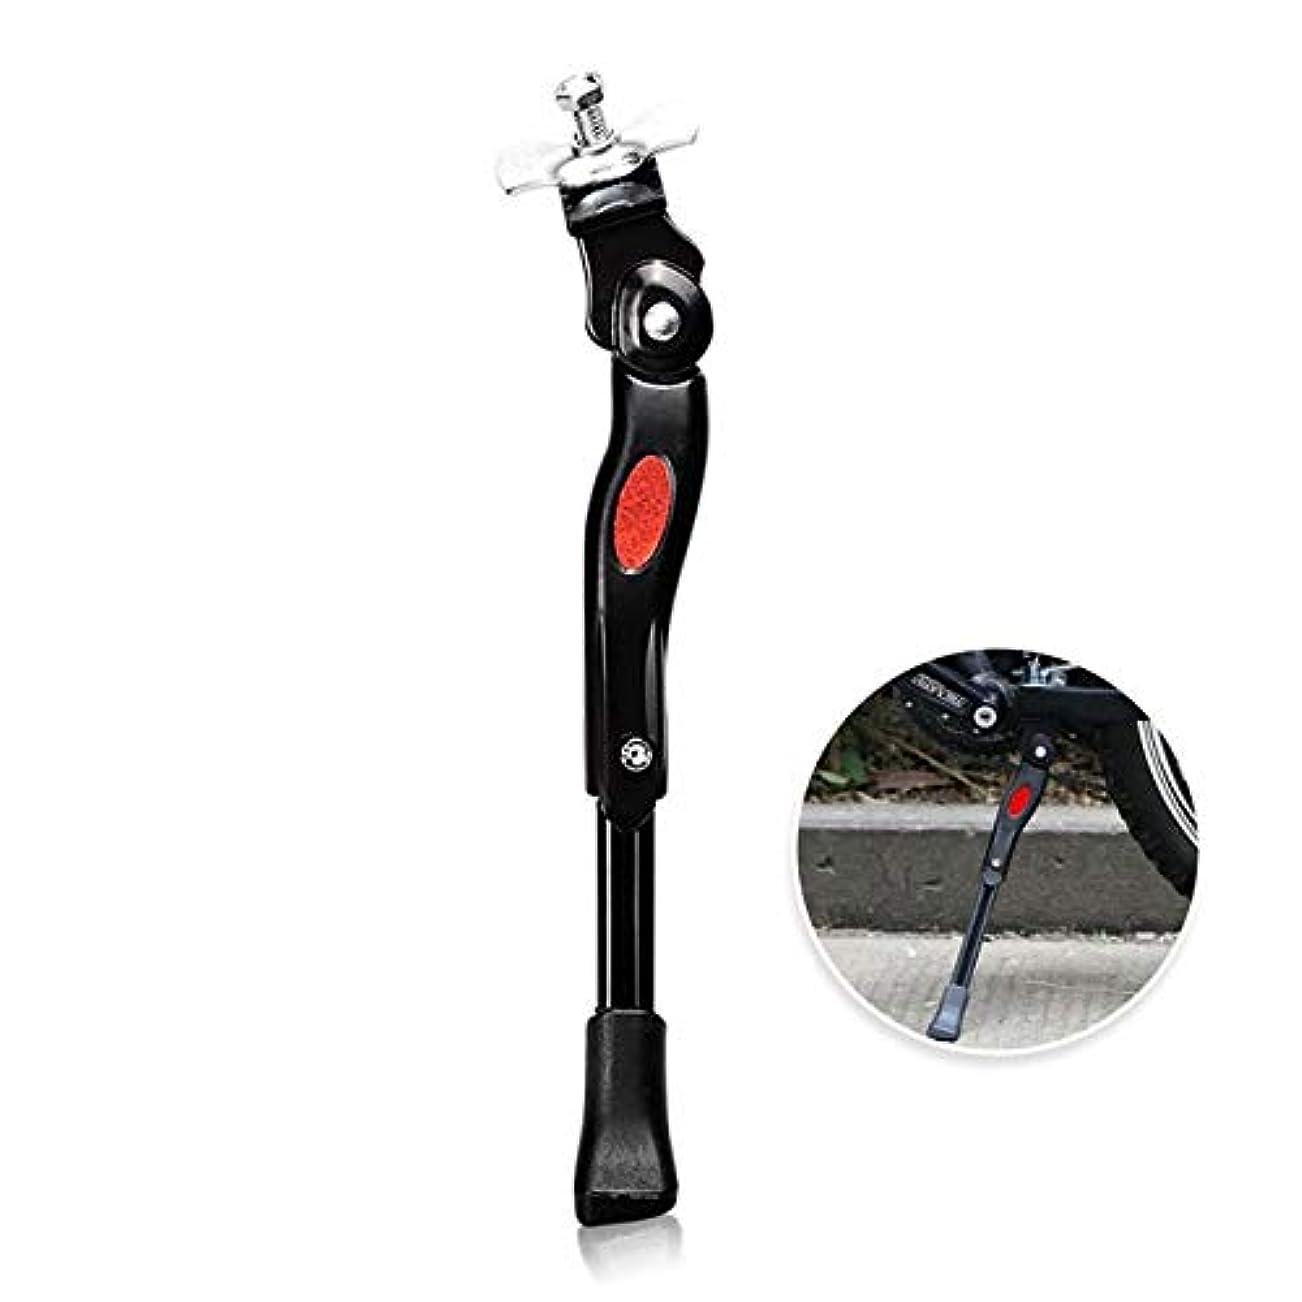 くびれた義務叙情的な自転車バイクキックスタンド調節可能なMTBロード自転車サイドキックバイク駐車場のスタンドサポートフットブレース自転車サイクリングパーツ AJMYLL (Color : Style2)